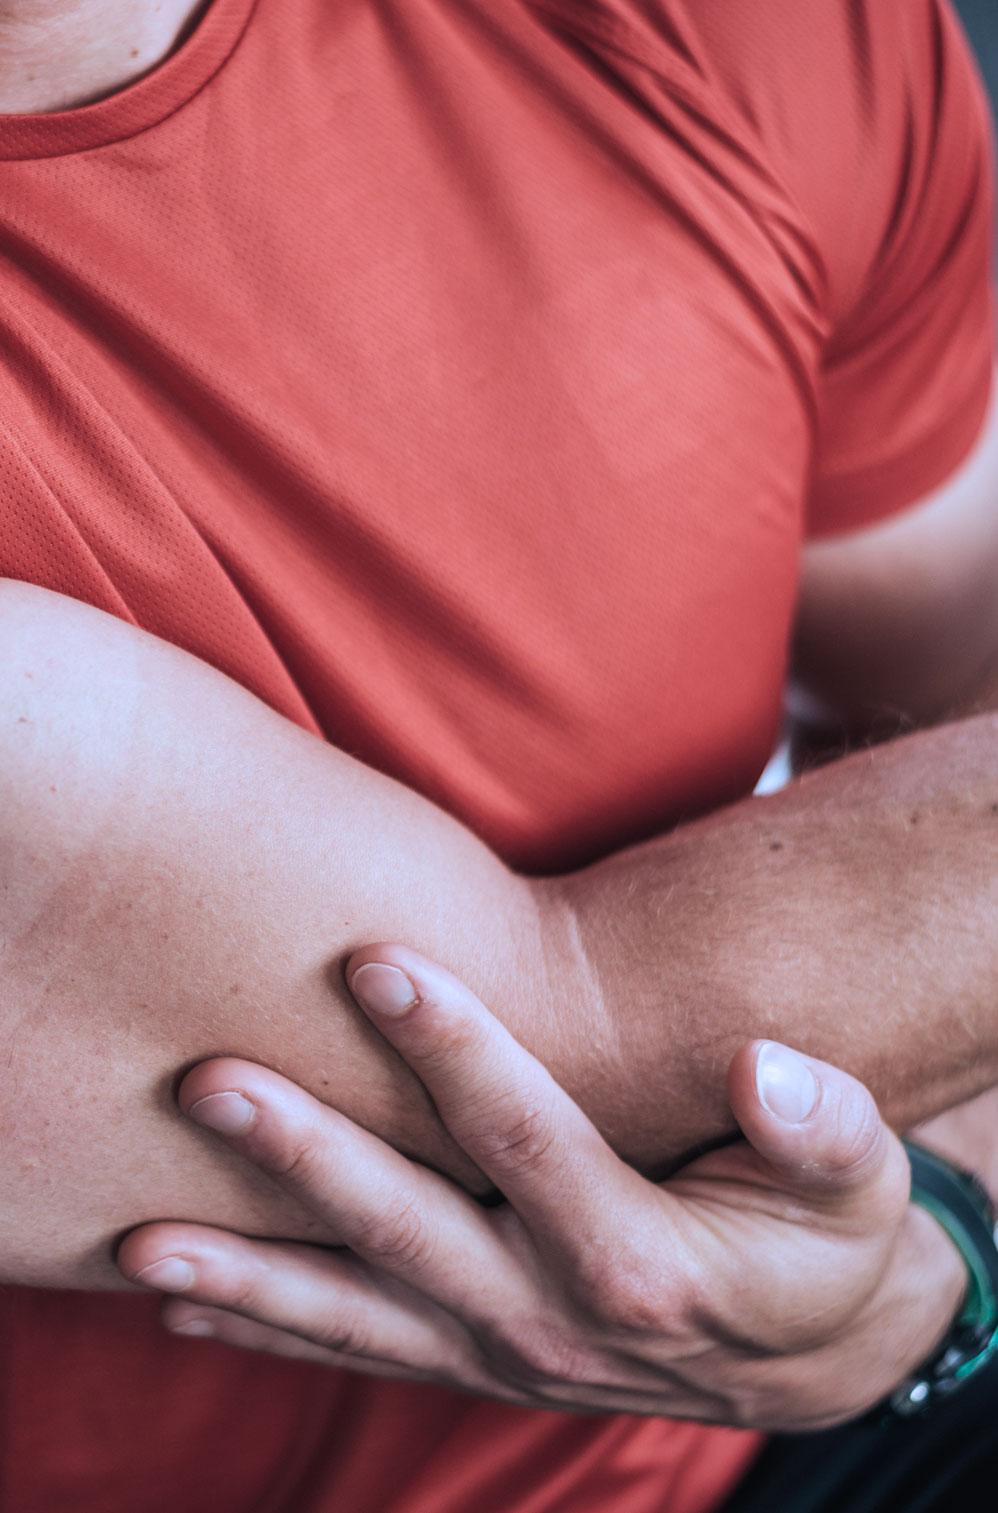 Inflammation articulaire - Réseau des massothérapeutes